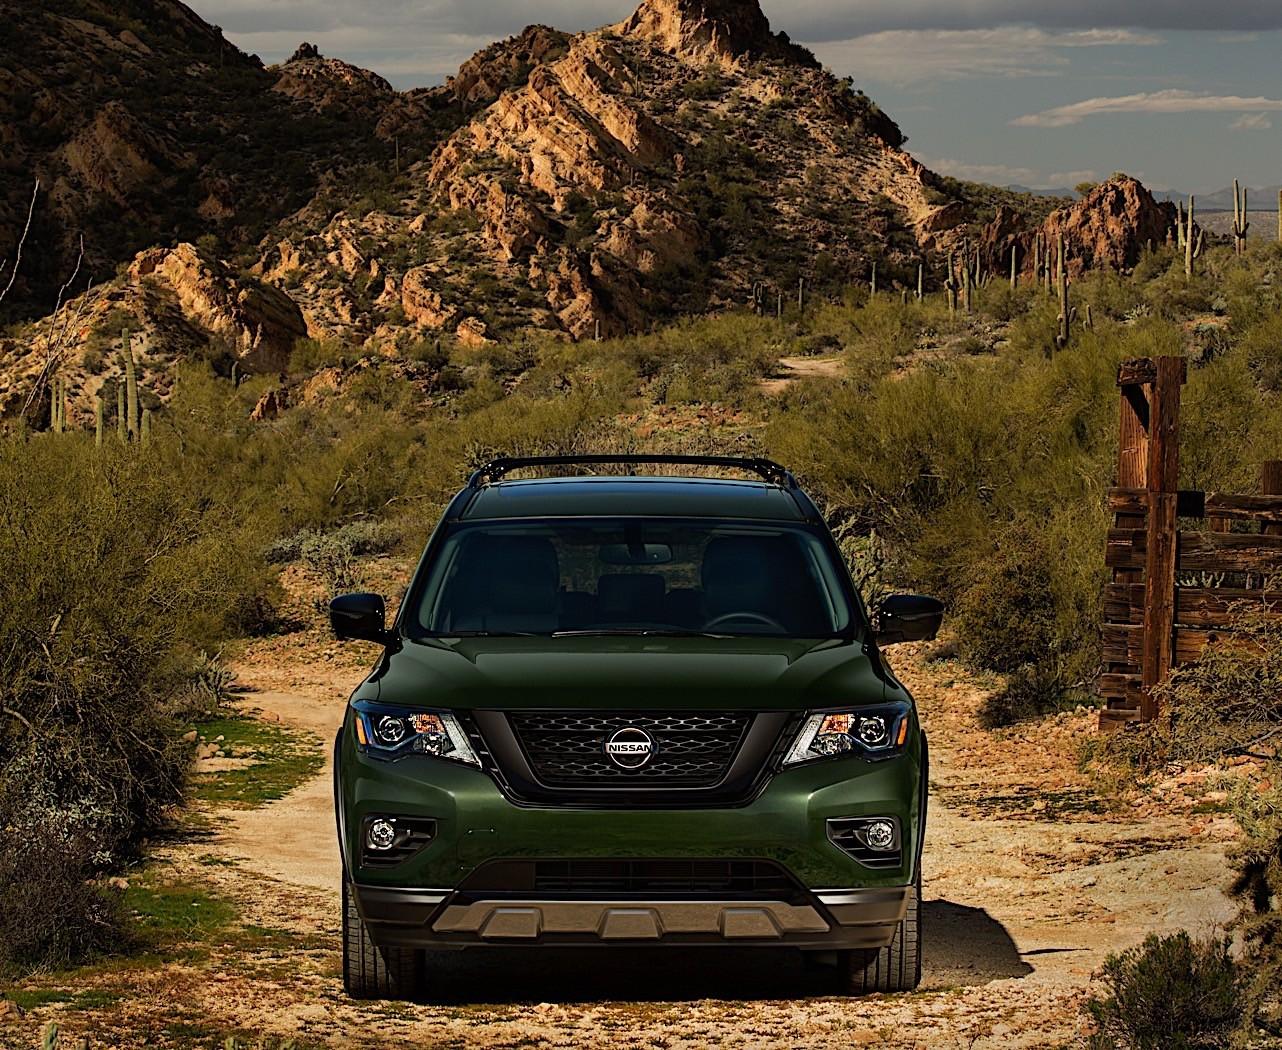 2019 Nissan Pathfinder Tweaked with the Rock Creek Package ...